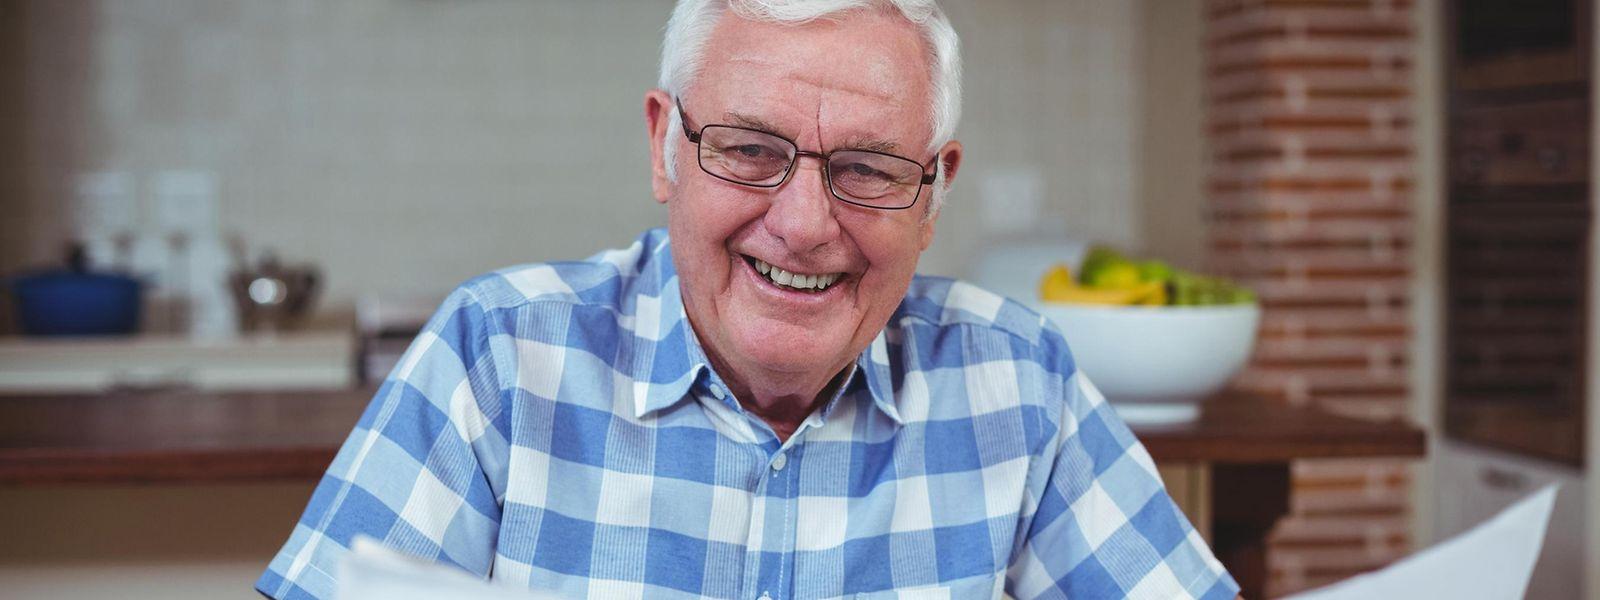 Am besten klappt der Start in den Ruhestand, wenn sich angehende Rentner schon vorher ein paar Gedanken machen.